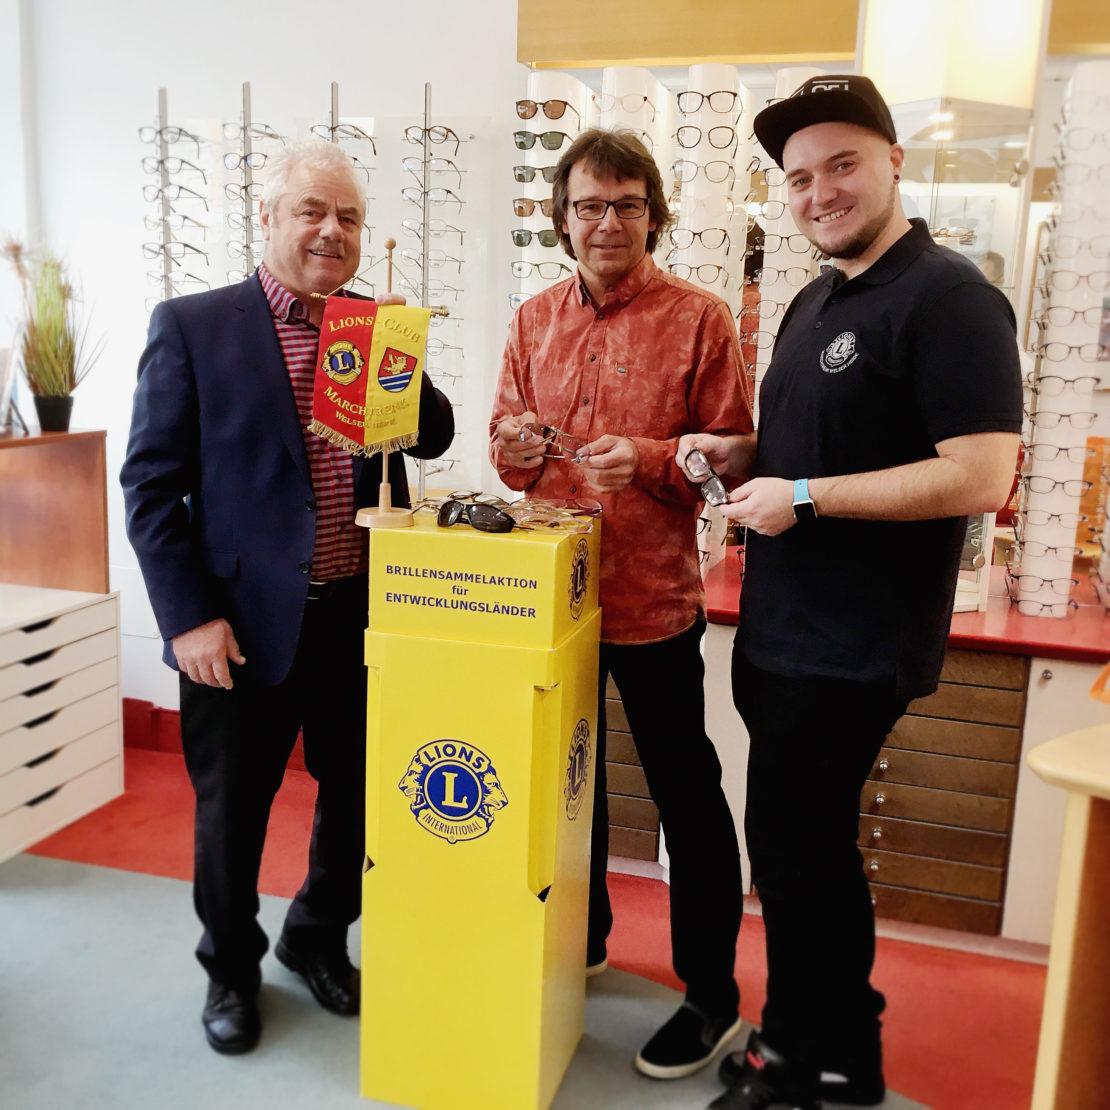 Brillen-Recycling: Lions Club sammelt alte Brillen für fehlsichtige Menschen